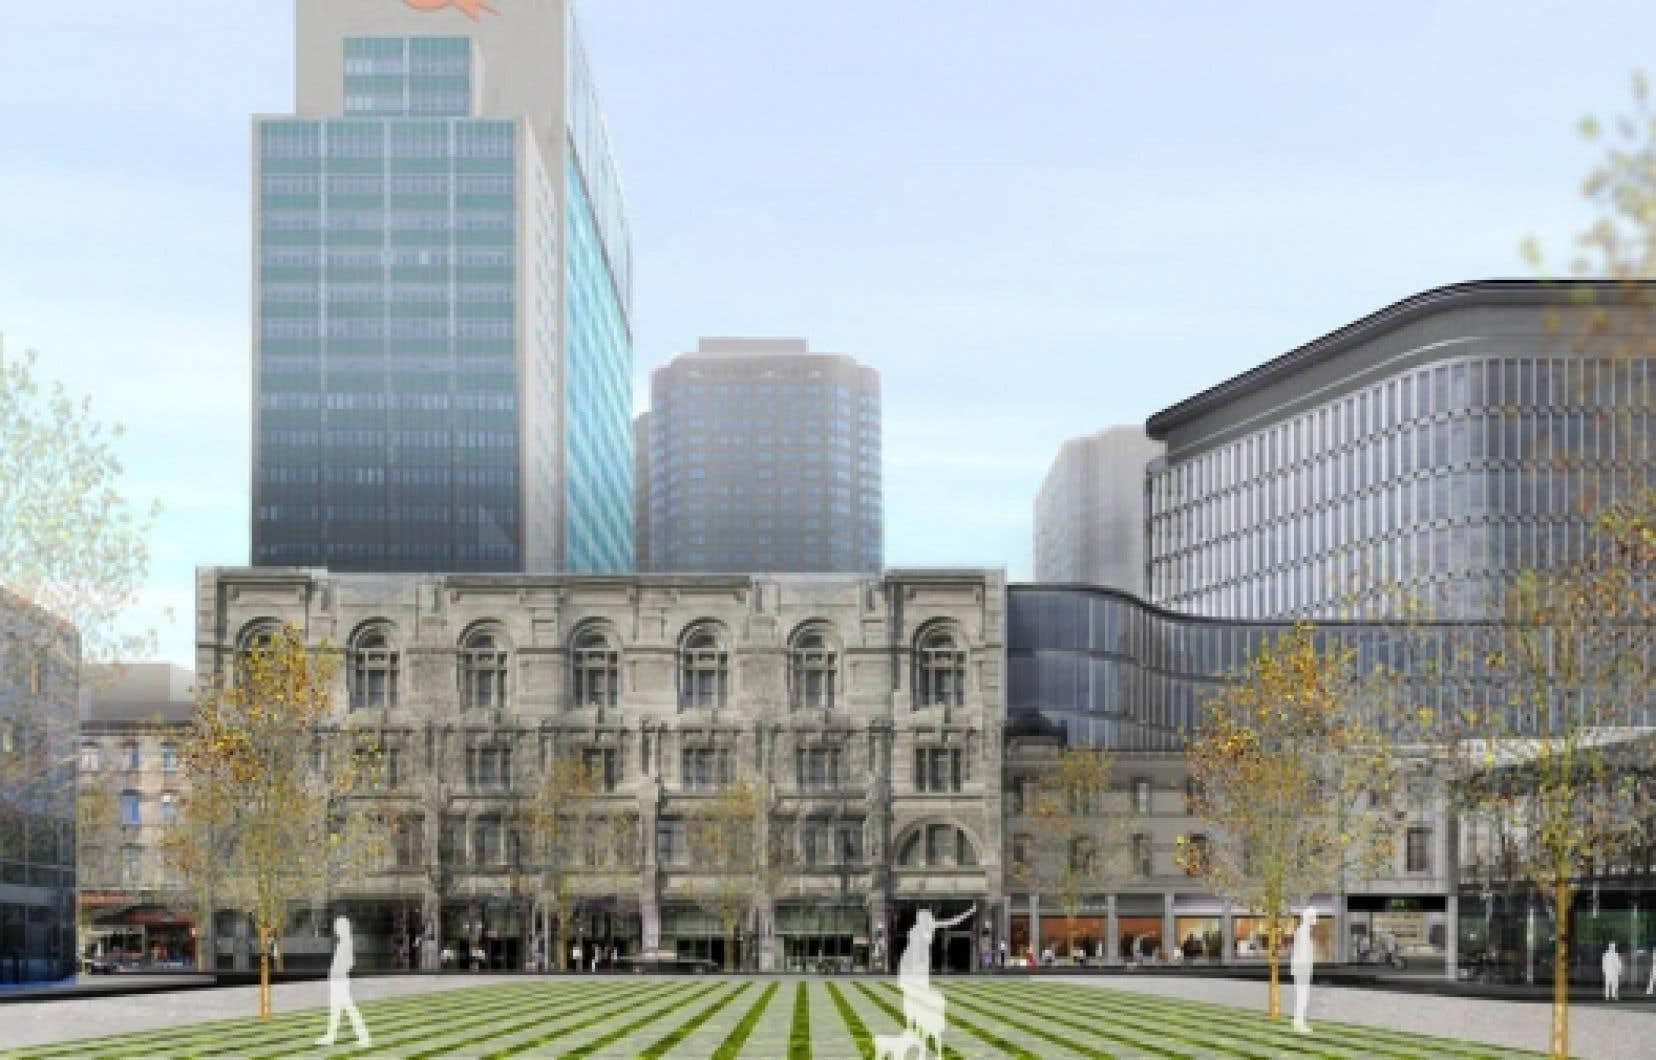 La Société de développement Angus a proposé à la Ville de Montréal de segmenter son projet nommé Quadrilatère Saint-Laurent, mais la réglementation ne le permettait pas. <br />